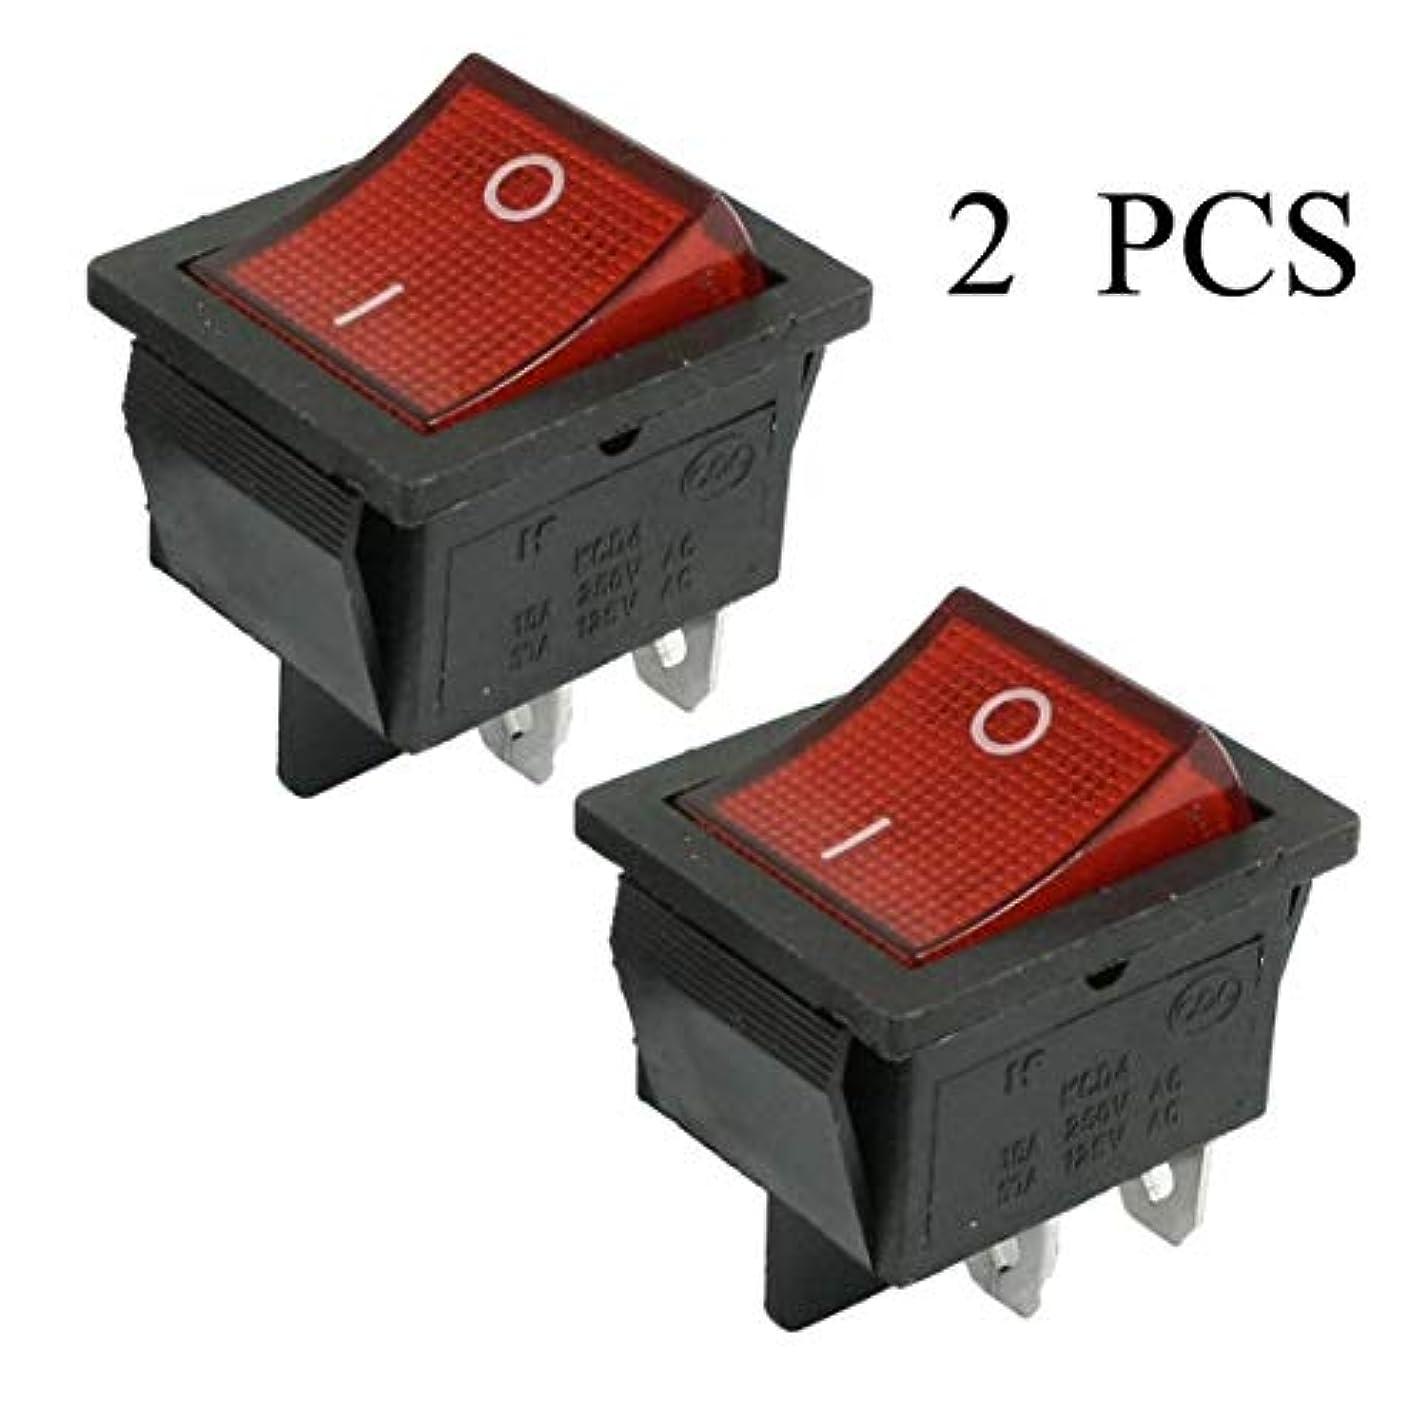 検出可能比率味方2個KCD4 DPST ON-OFF 4ピンロッカーボートスイッチ15A / 20A AC 250V / 125V AD-ブラック